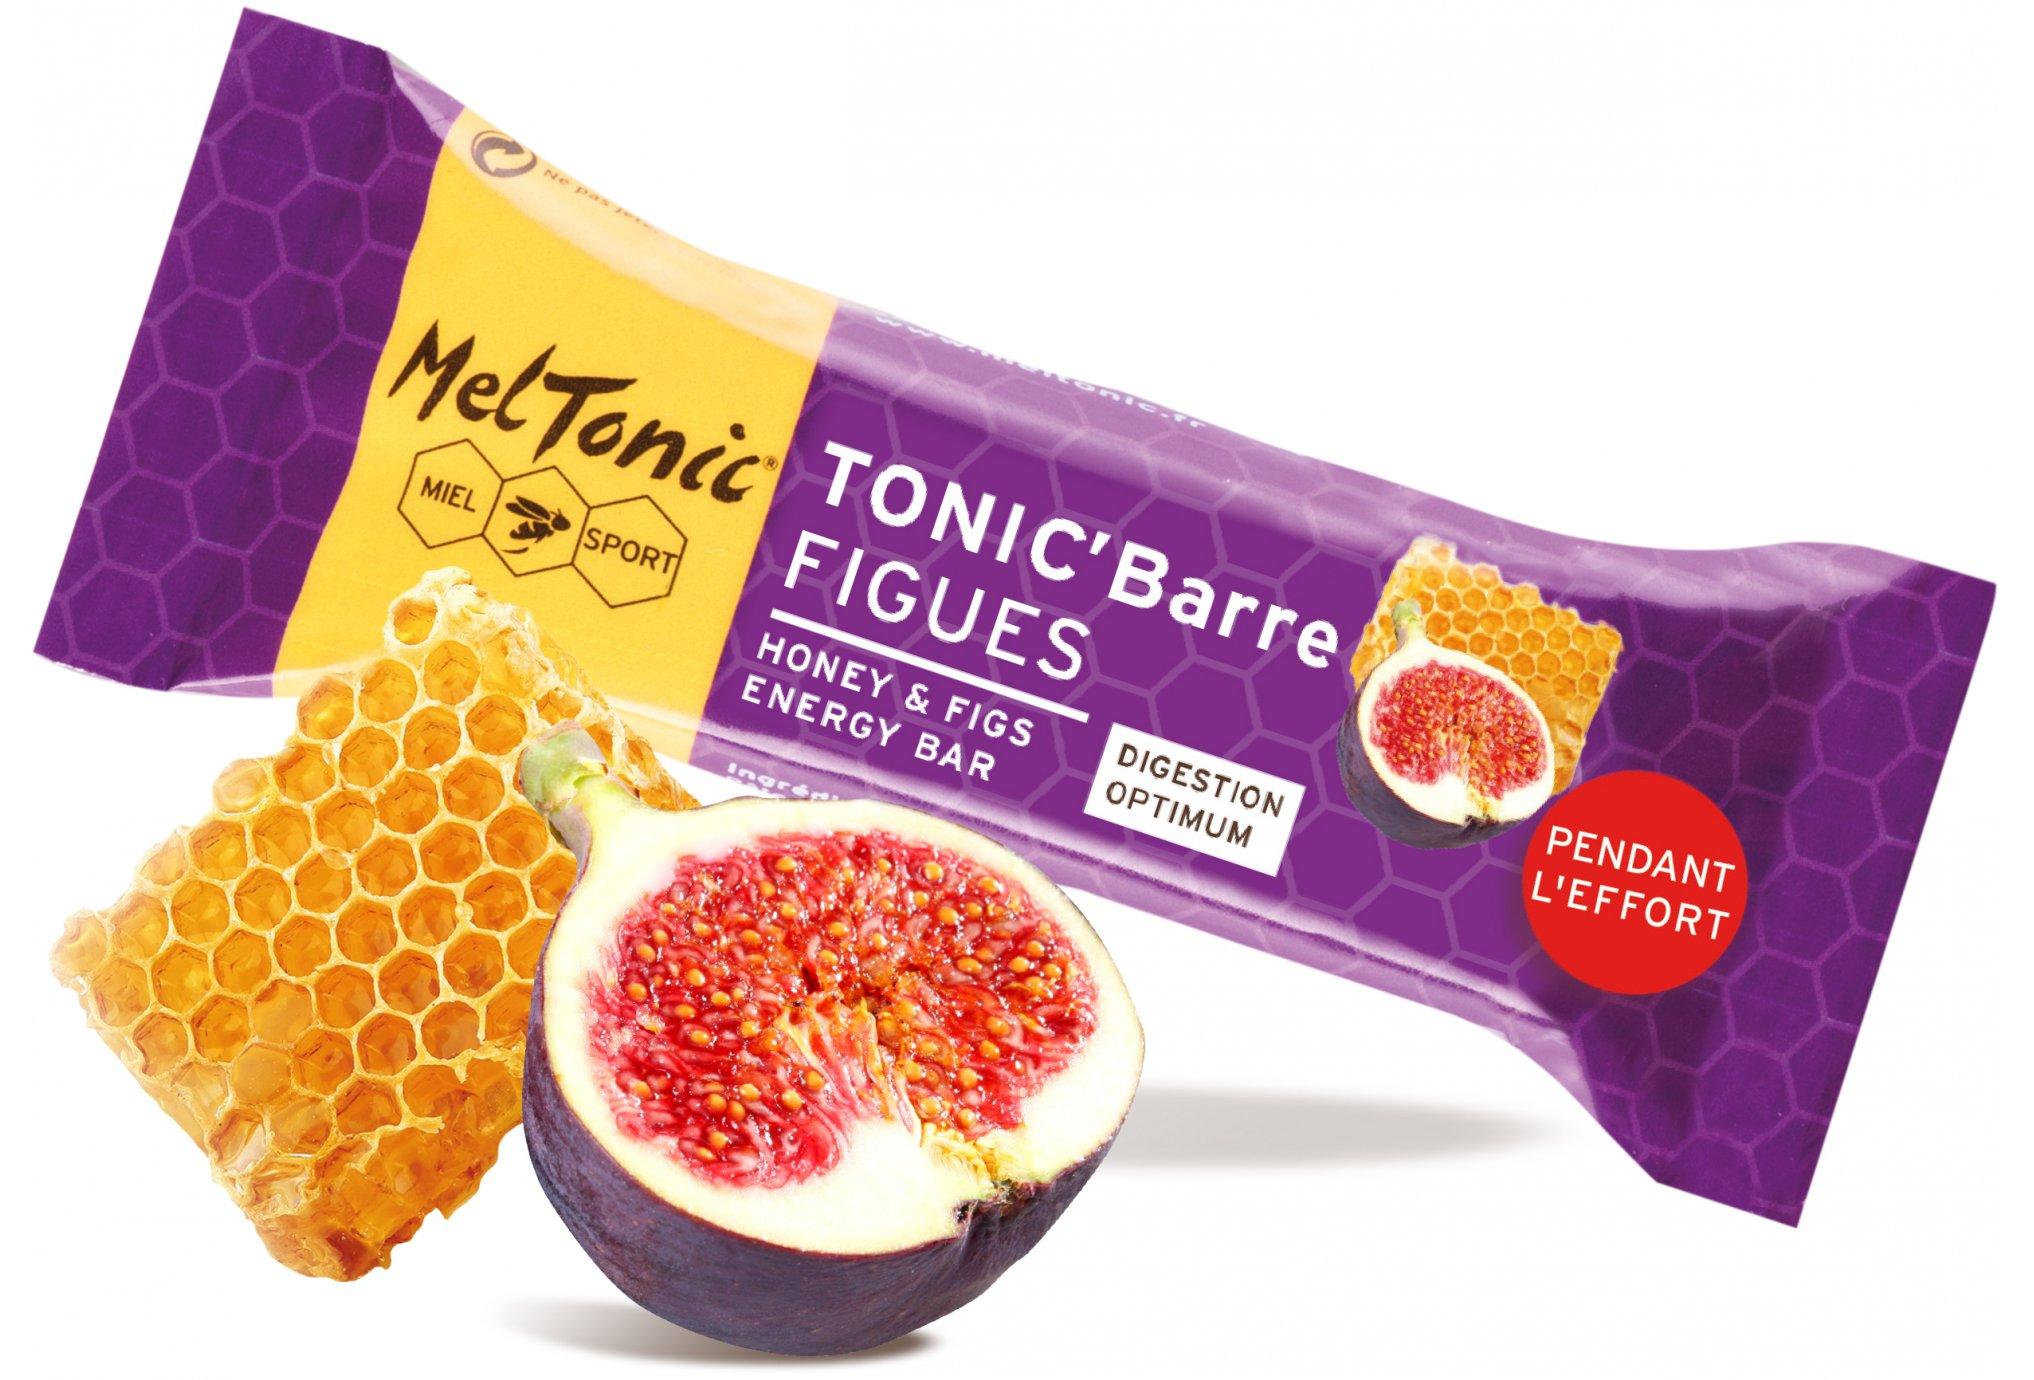 MelTonic Tonic'Barre - Figues Miel Diététique Barres